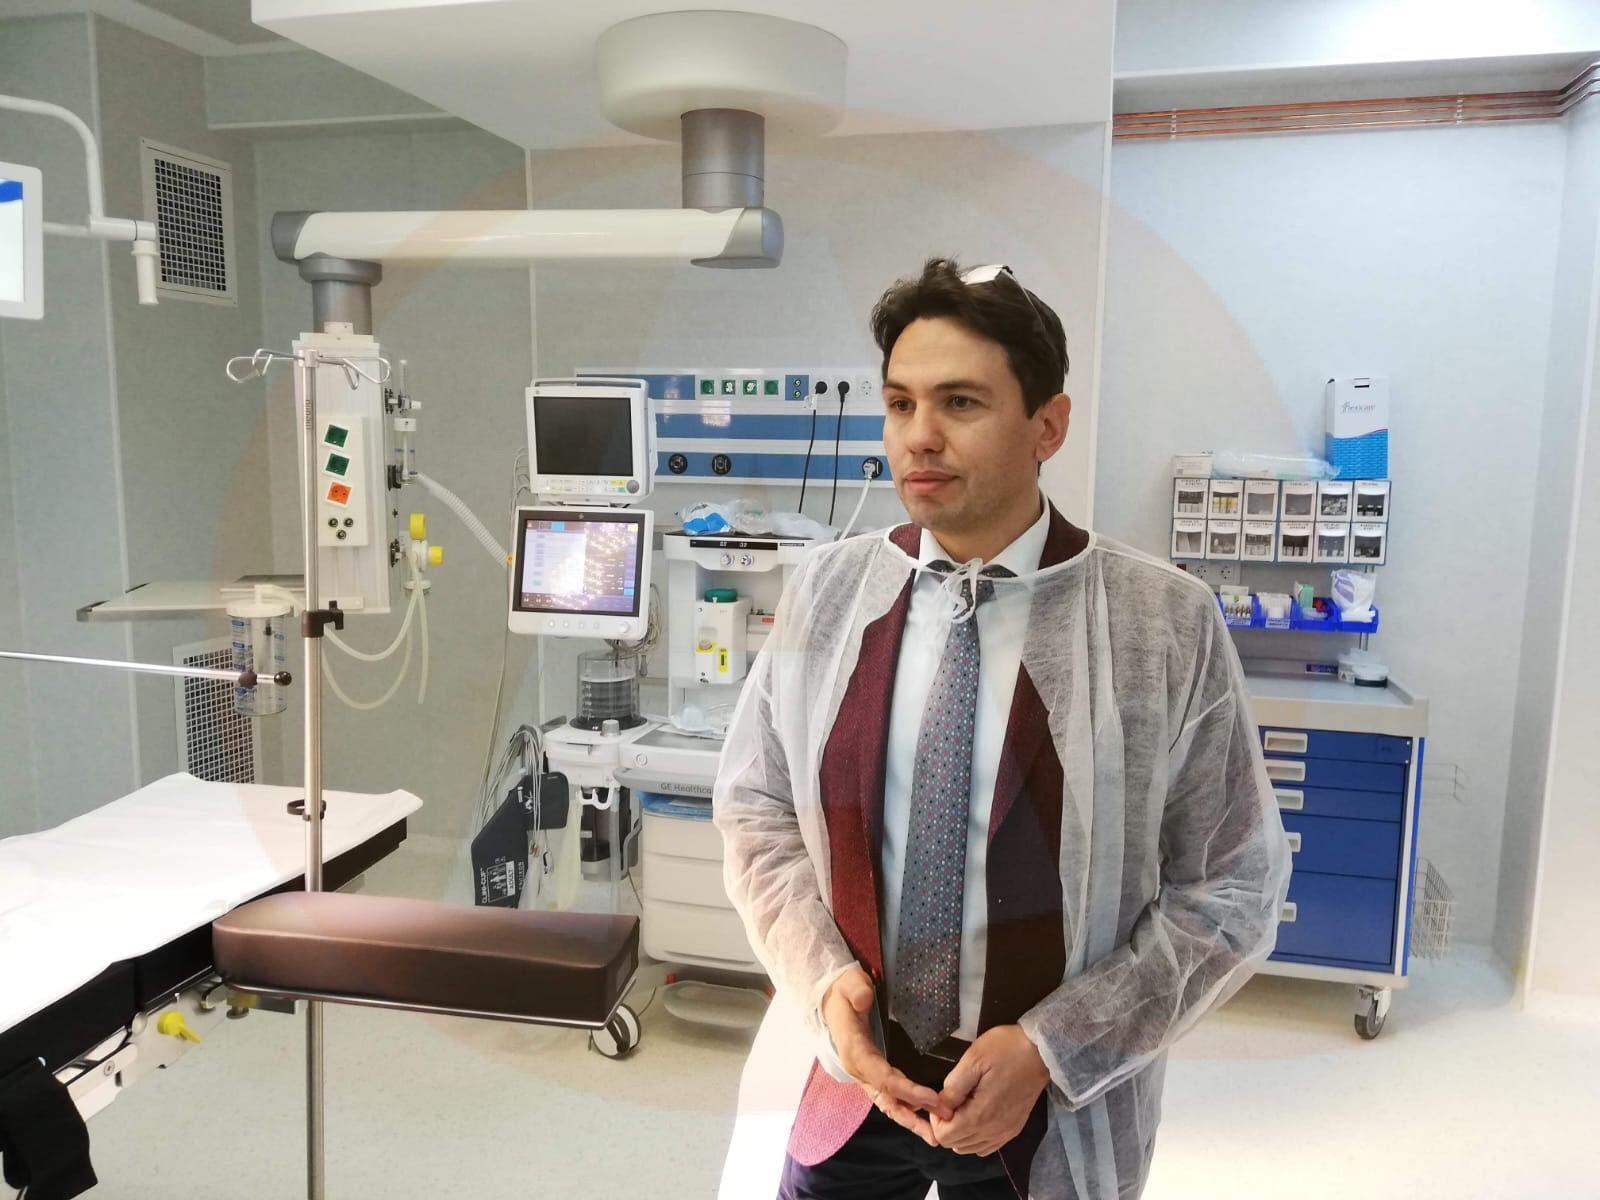 Spitalul Judeţean de Urgenţă Călăraşi are un nou bloc operator